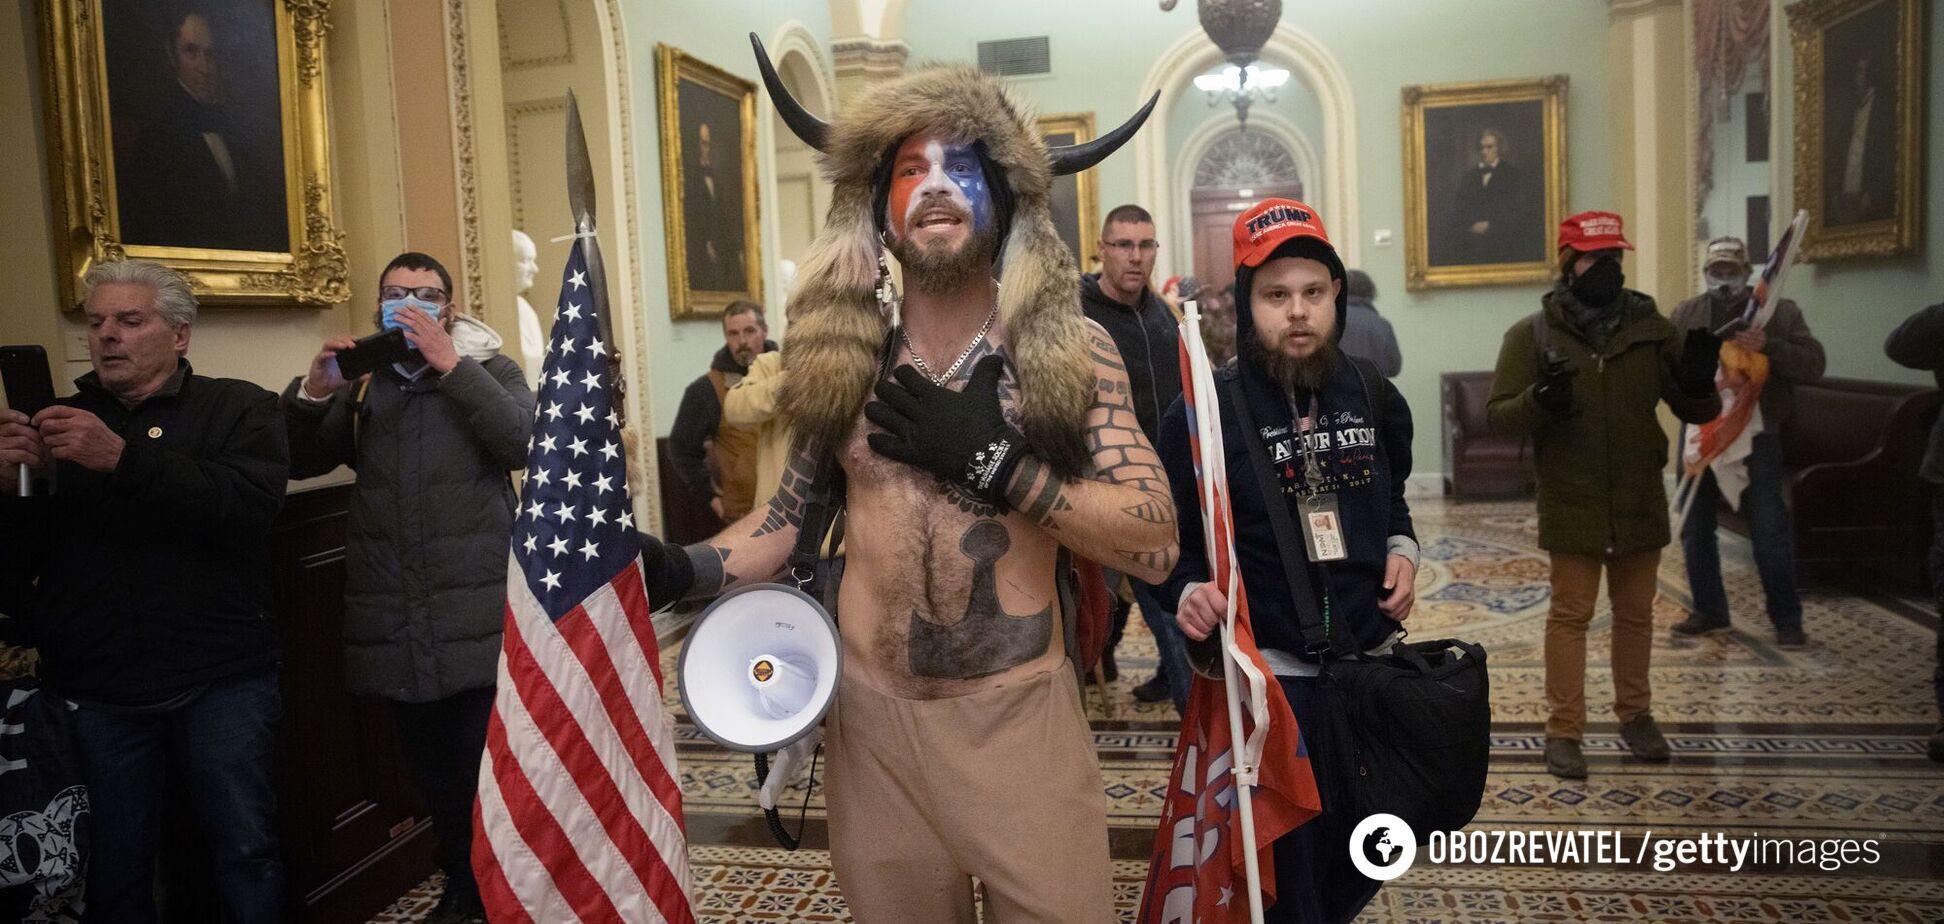 6 января 2021 года сторонники Дональда Трампа штурмом взяли Капитолий США